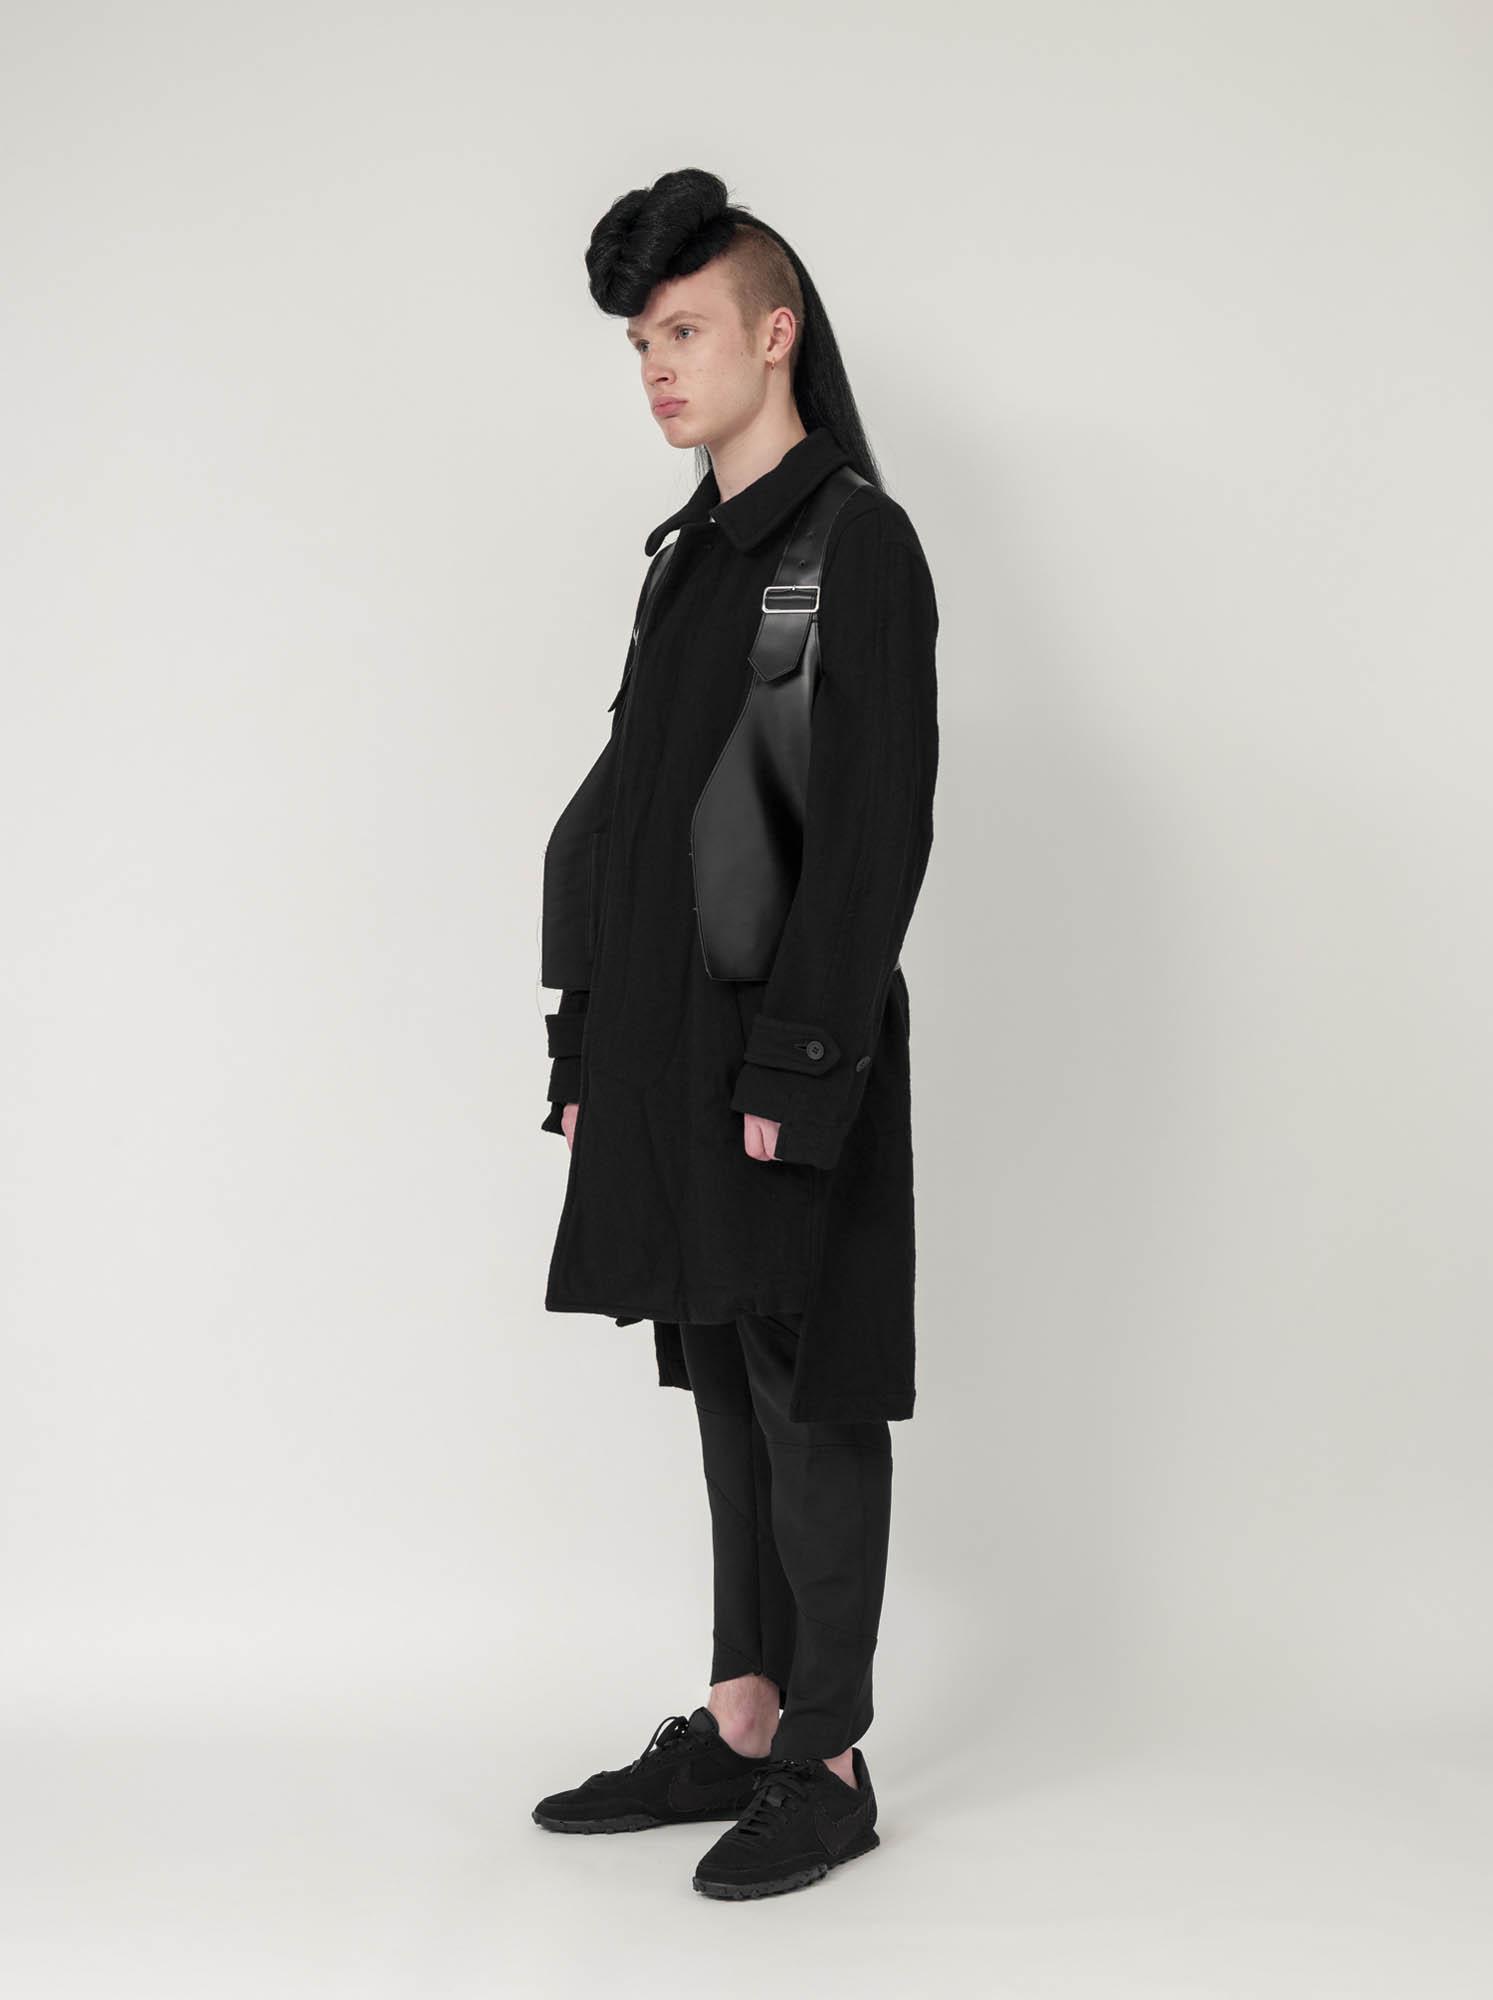 Black Comme des Garçons - shot 30